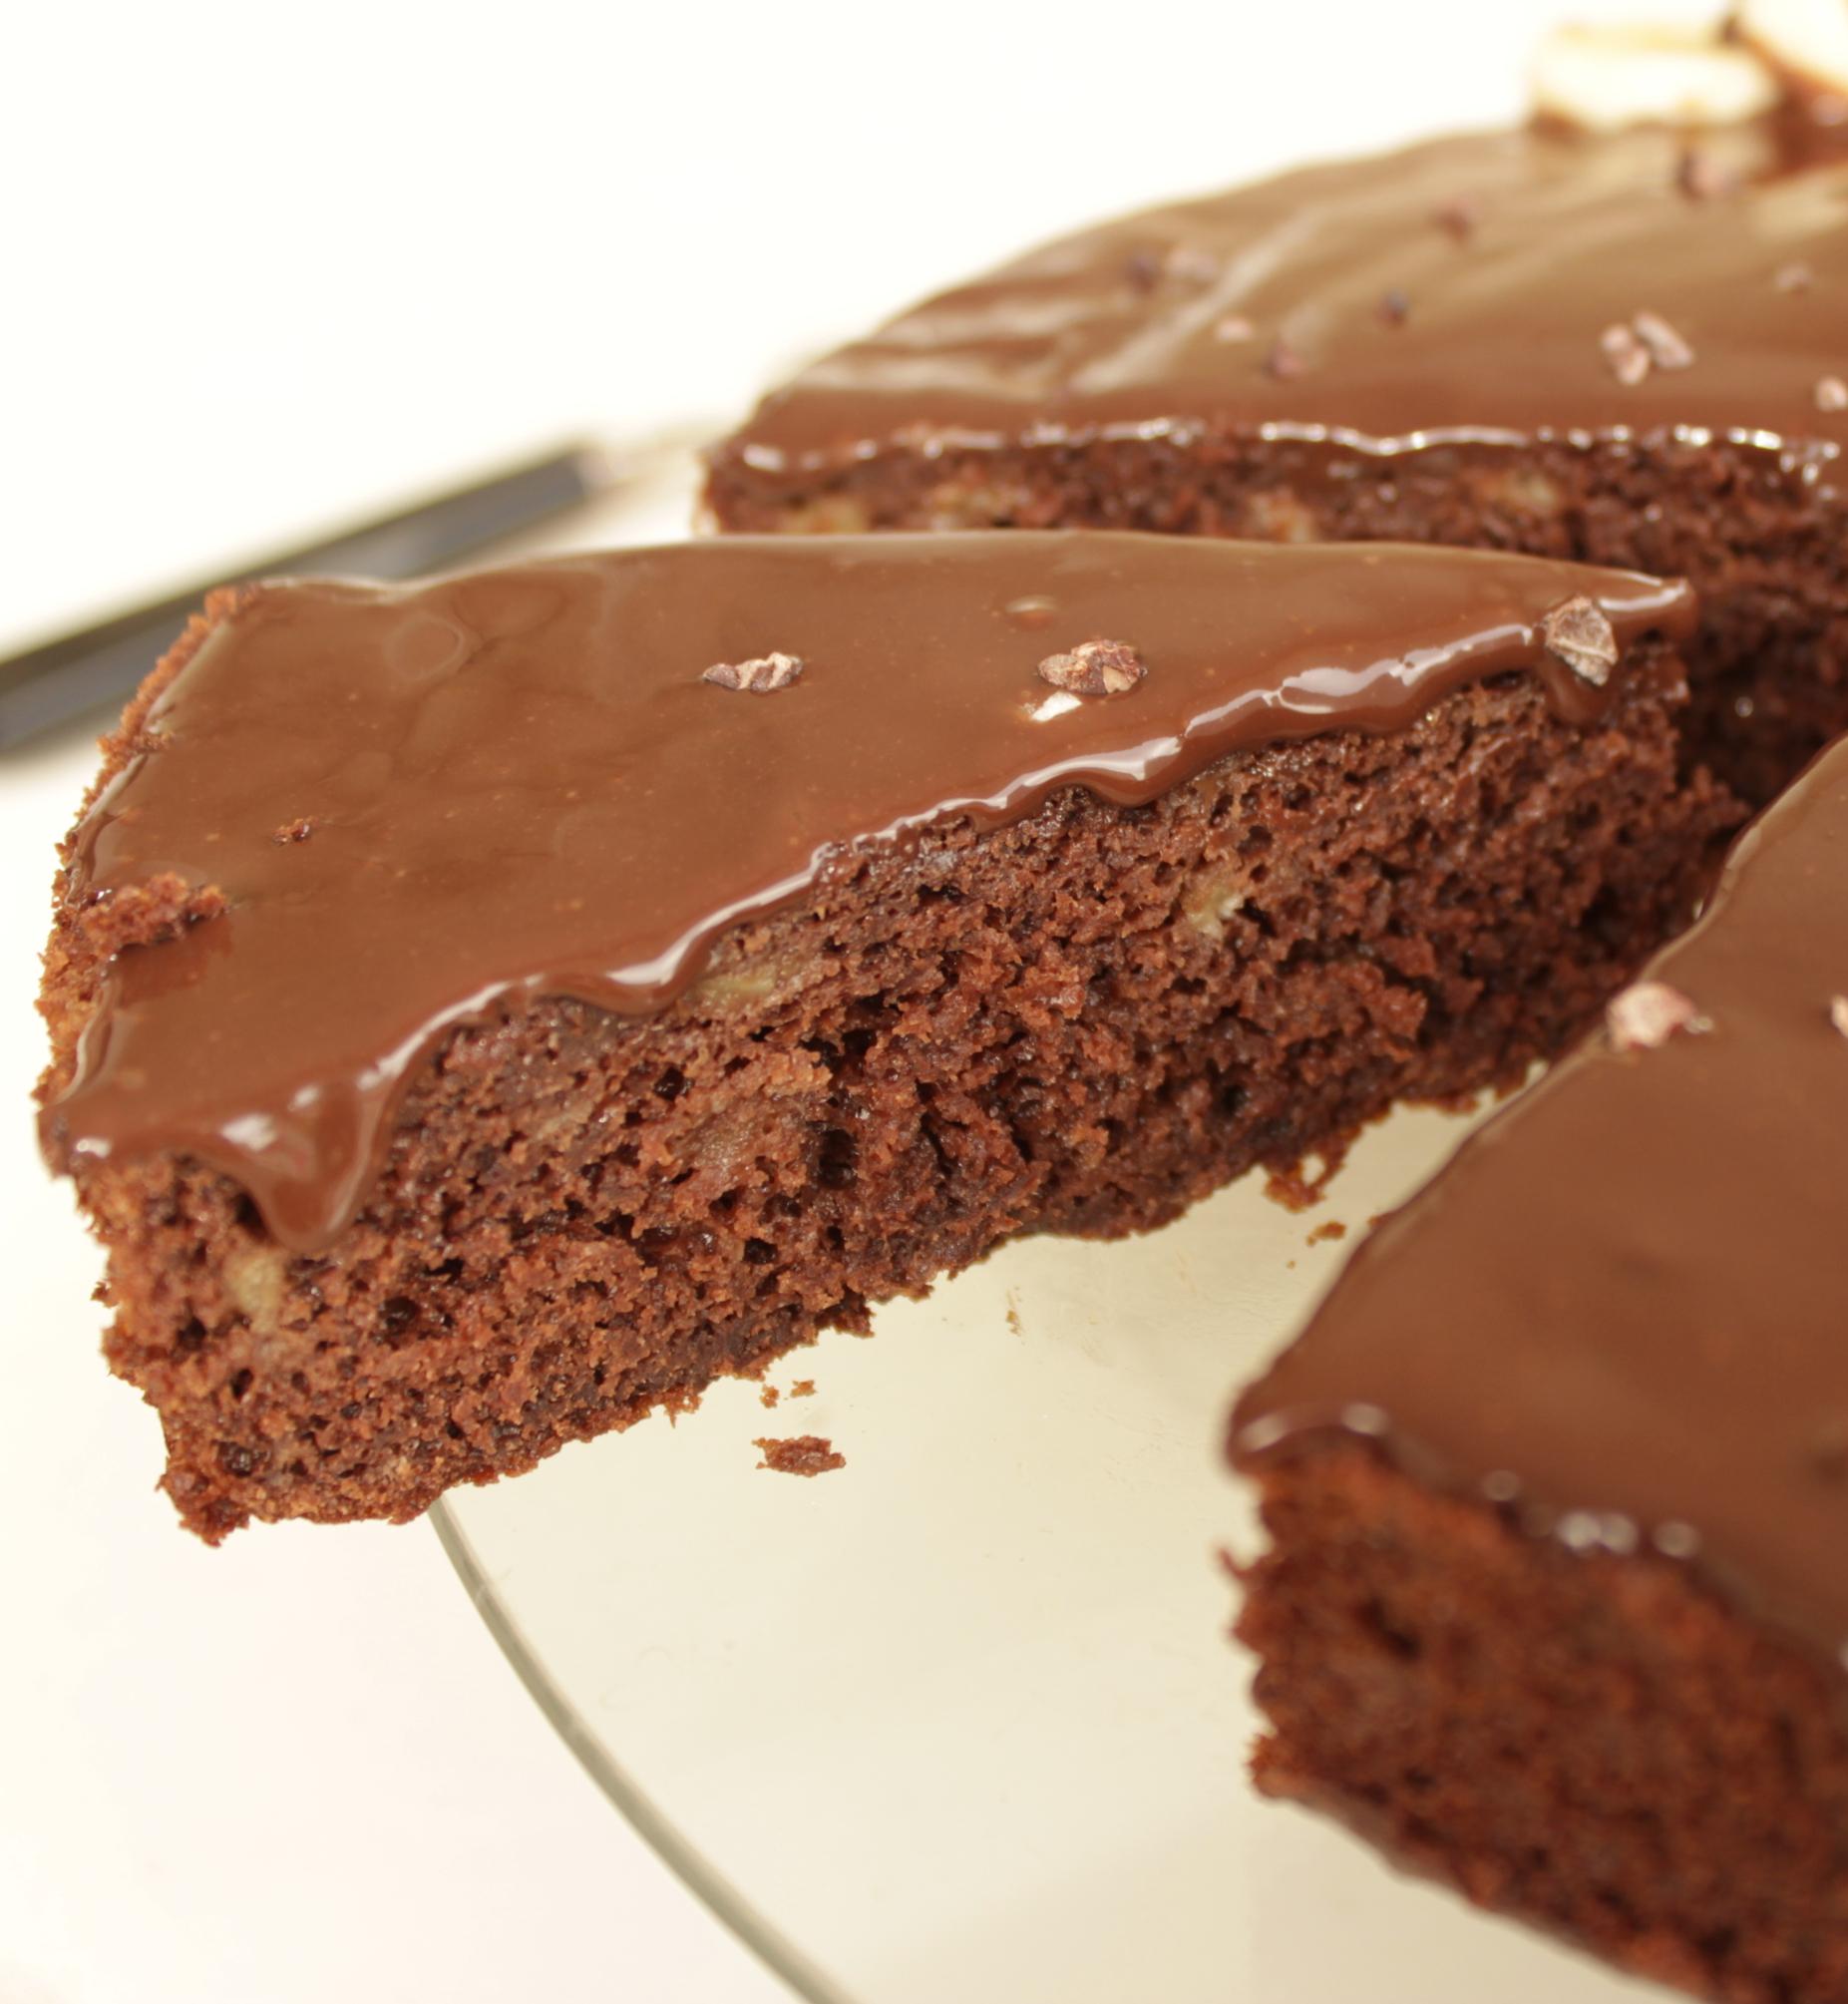 Gateau au chocolat moelleux et pas sec